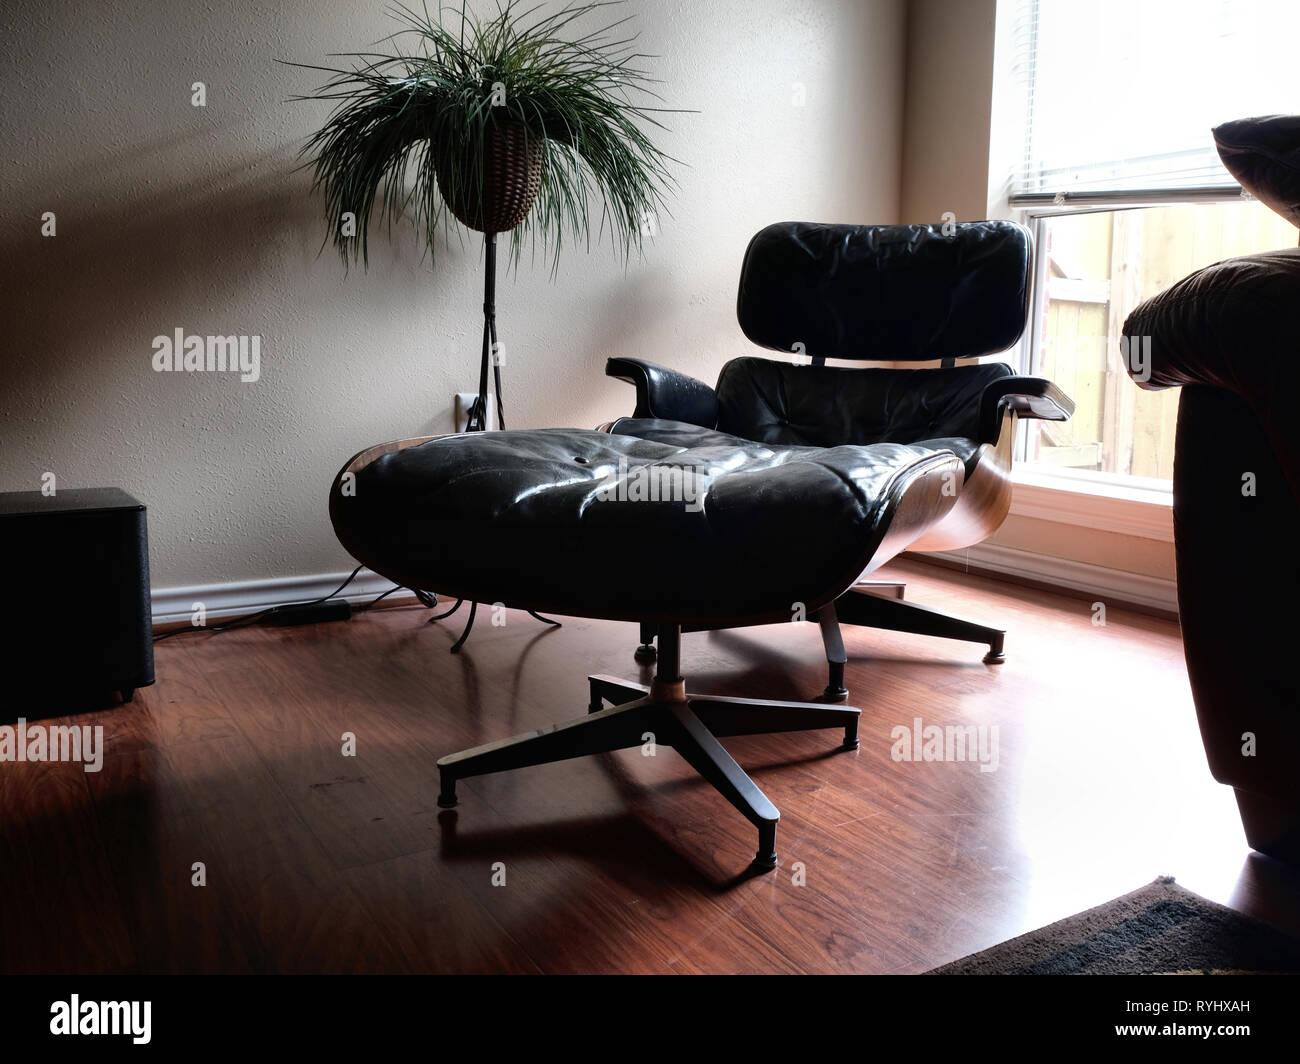 Charles Und Ray Eames Designer Schwarz Lounge Sessel Mit Ottomane In Einem  Wohnzimmer Einstellung Durch Ein